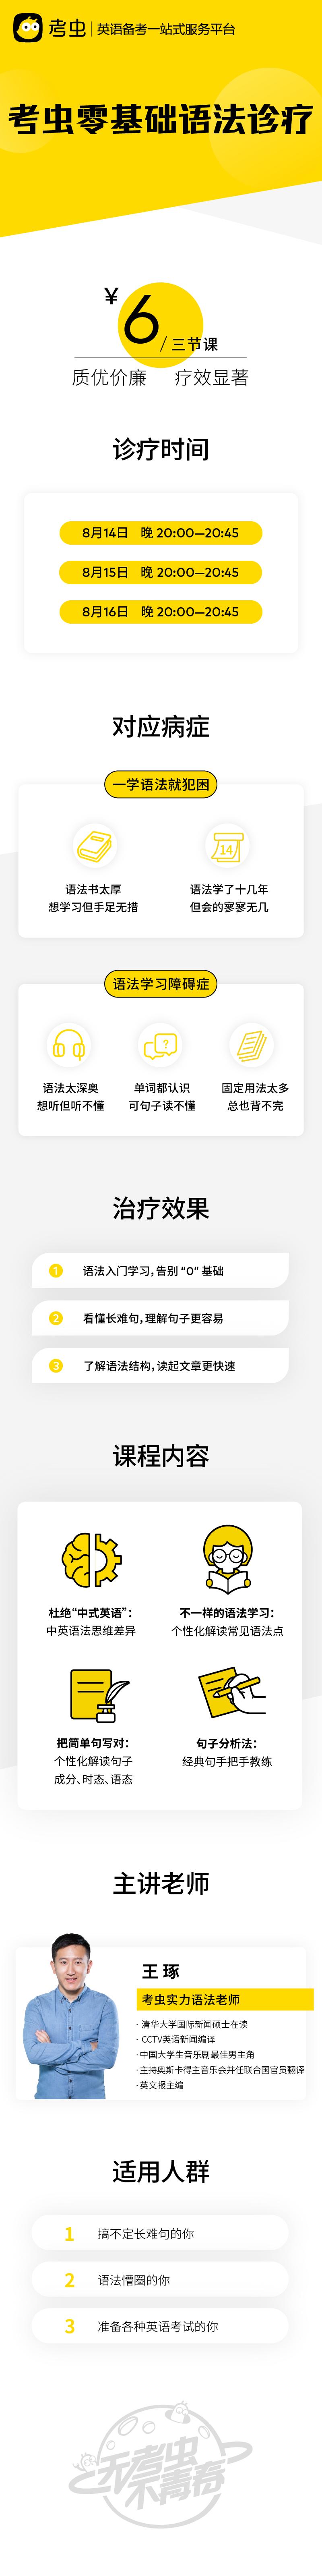 729 老中医零基础语法课-01.png